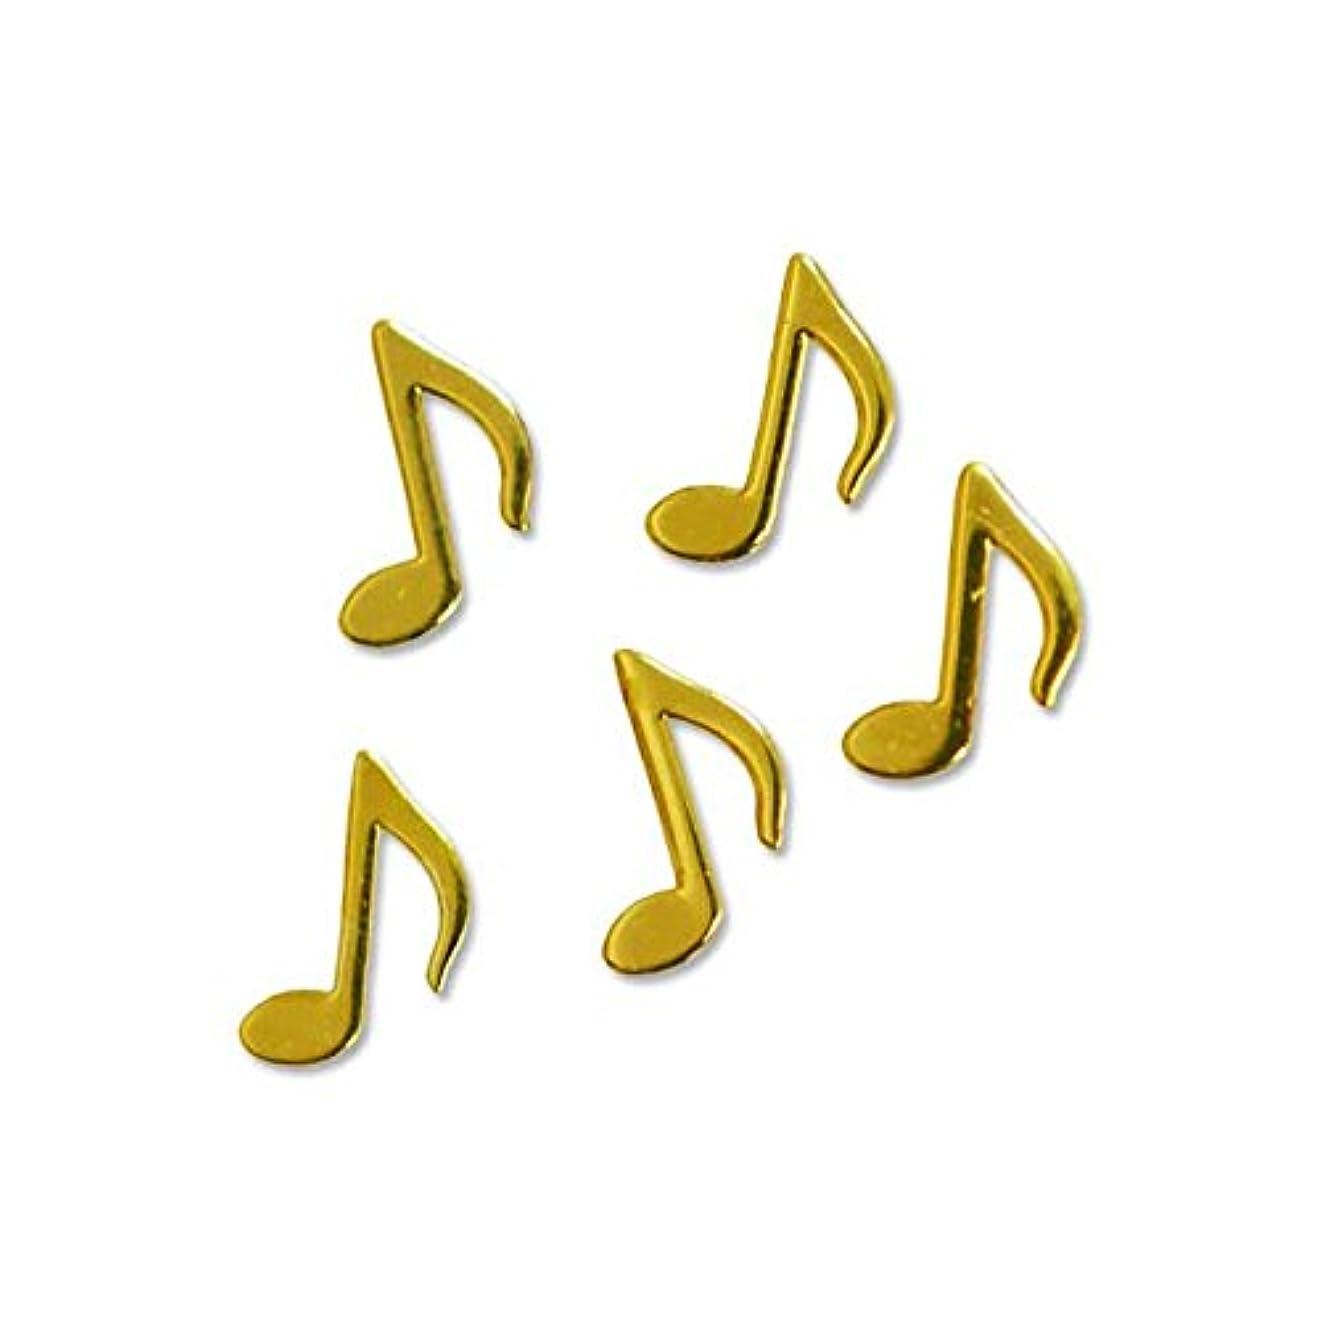 から聞く時々永続薄型メタルパーツ10025ミュージック 音符 おたまじゃくし4mm×5mm(ゴールド)/20p入り